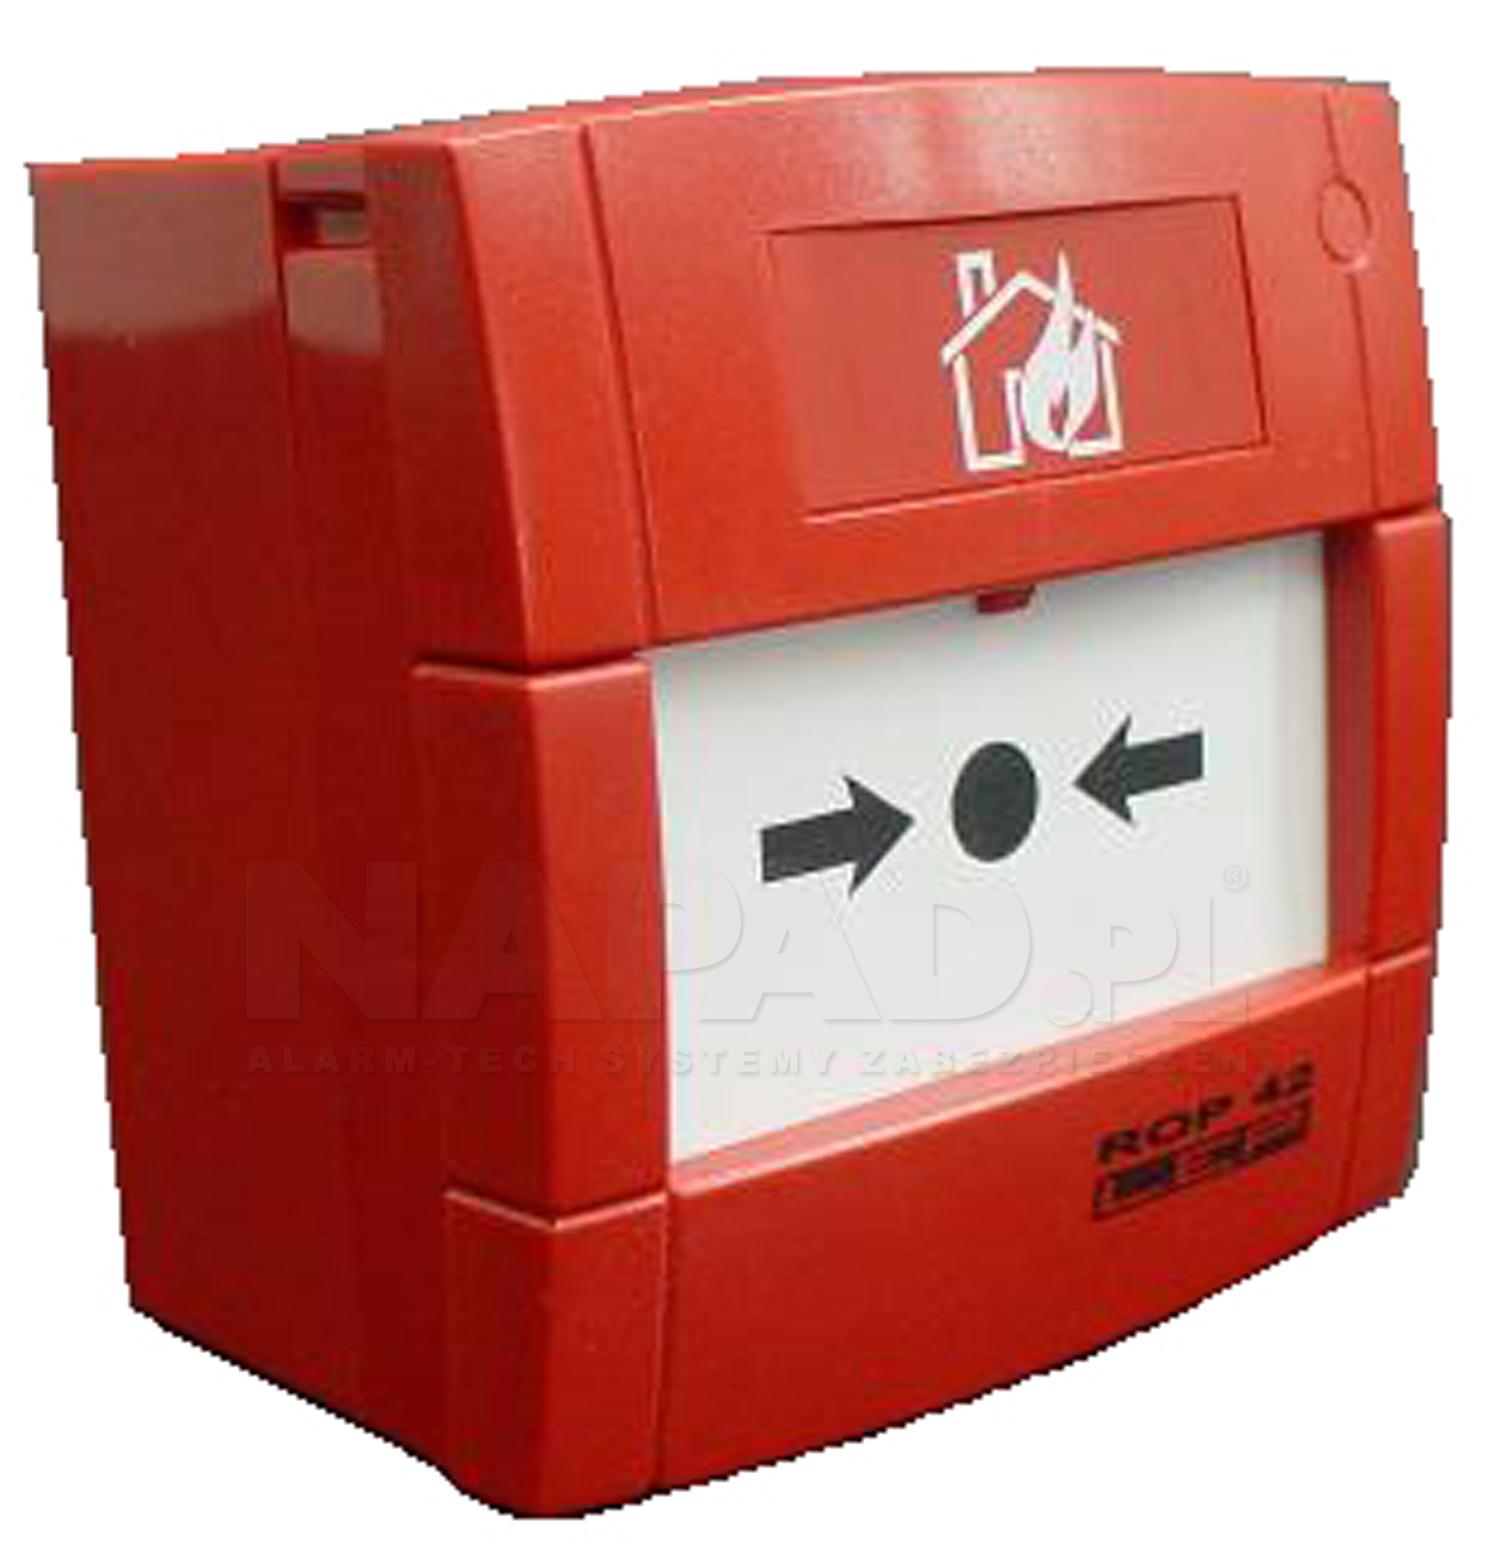 Adresowalny ręczny ostrzegacz pożarowy ROP42